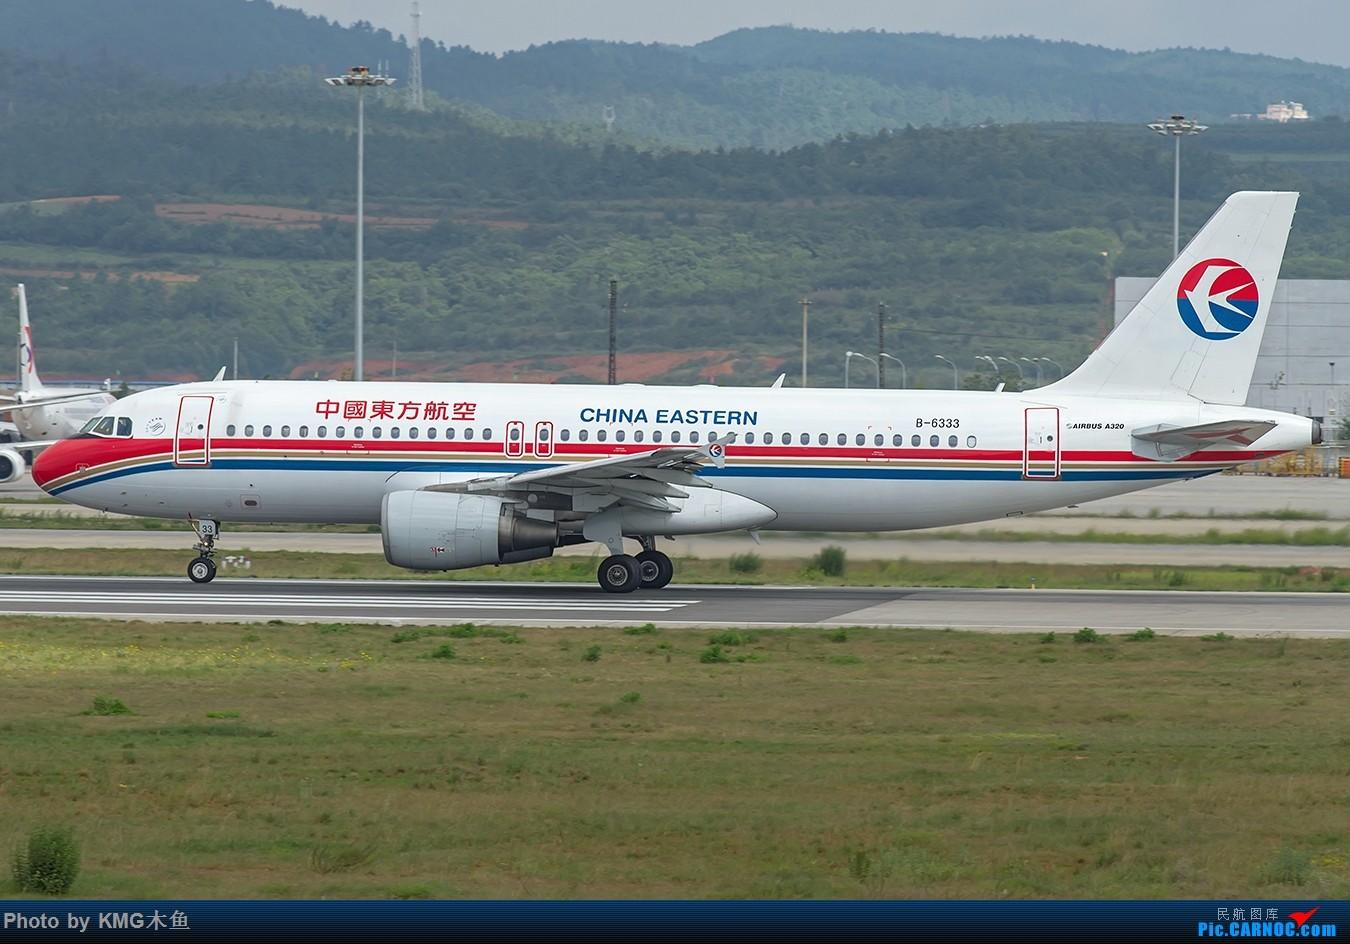 Re:[原创]【昆明长水国际机场-KMG木鱼拍机】为啥PS图片很清晰,上传以后图像变虚了。 AIRBUS A320-200 B-6333 中国昆明长水国际机场